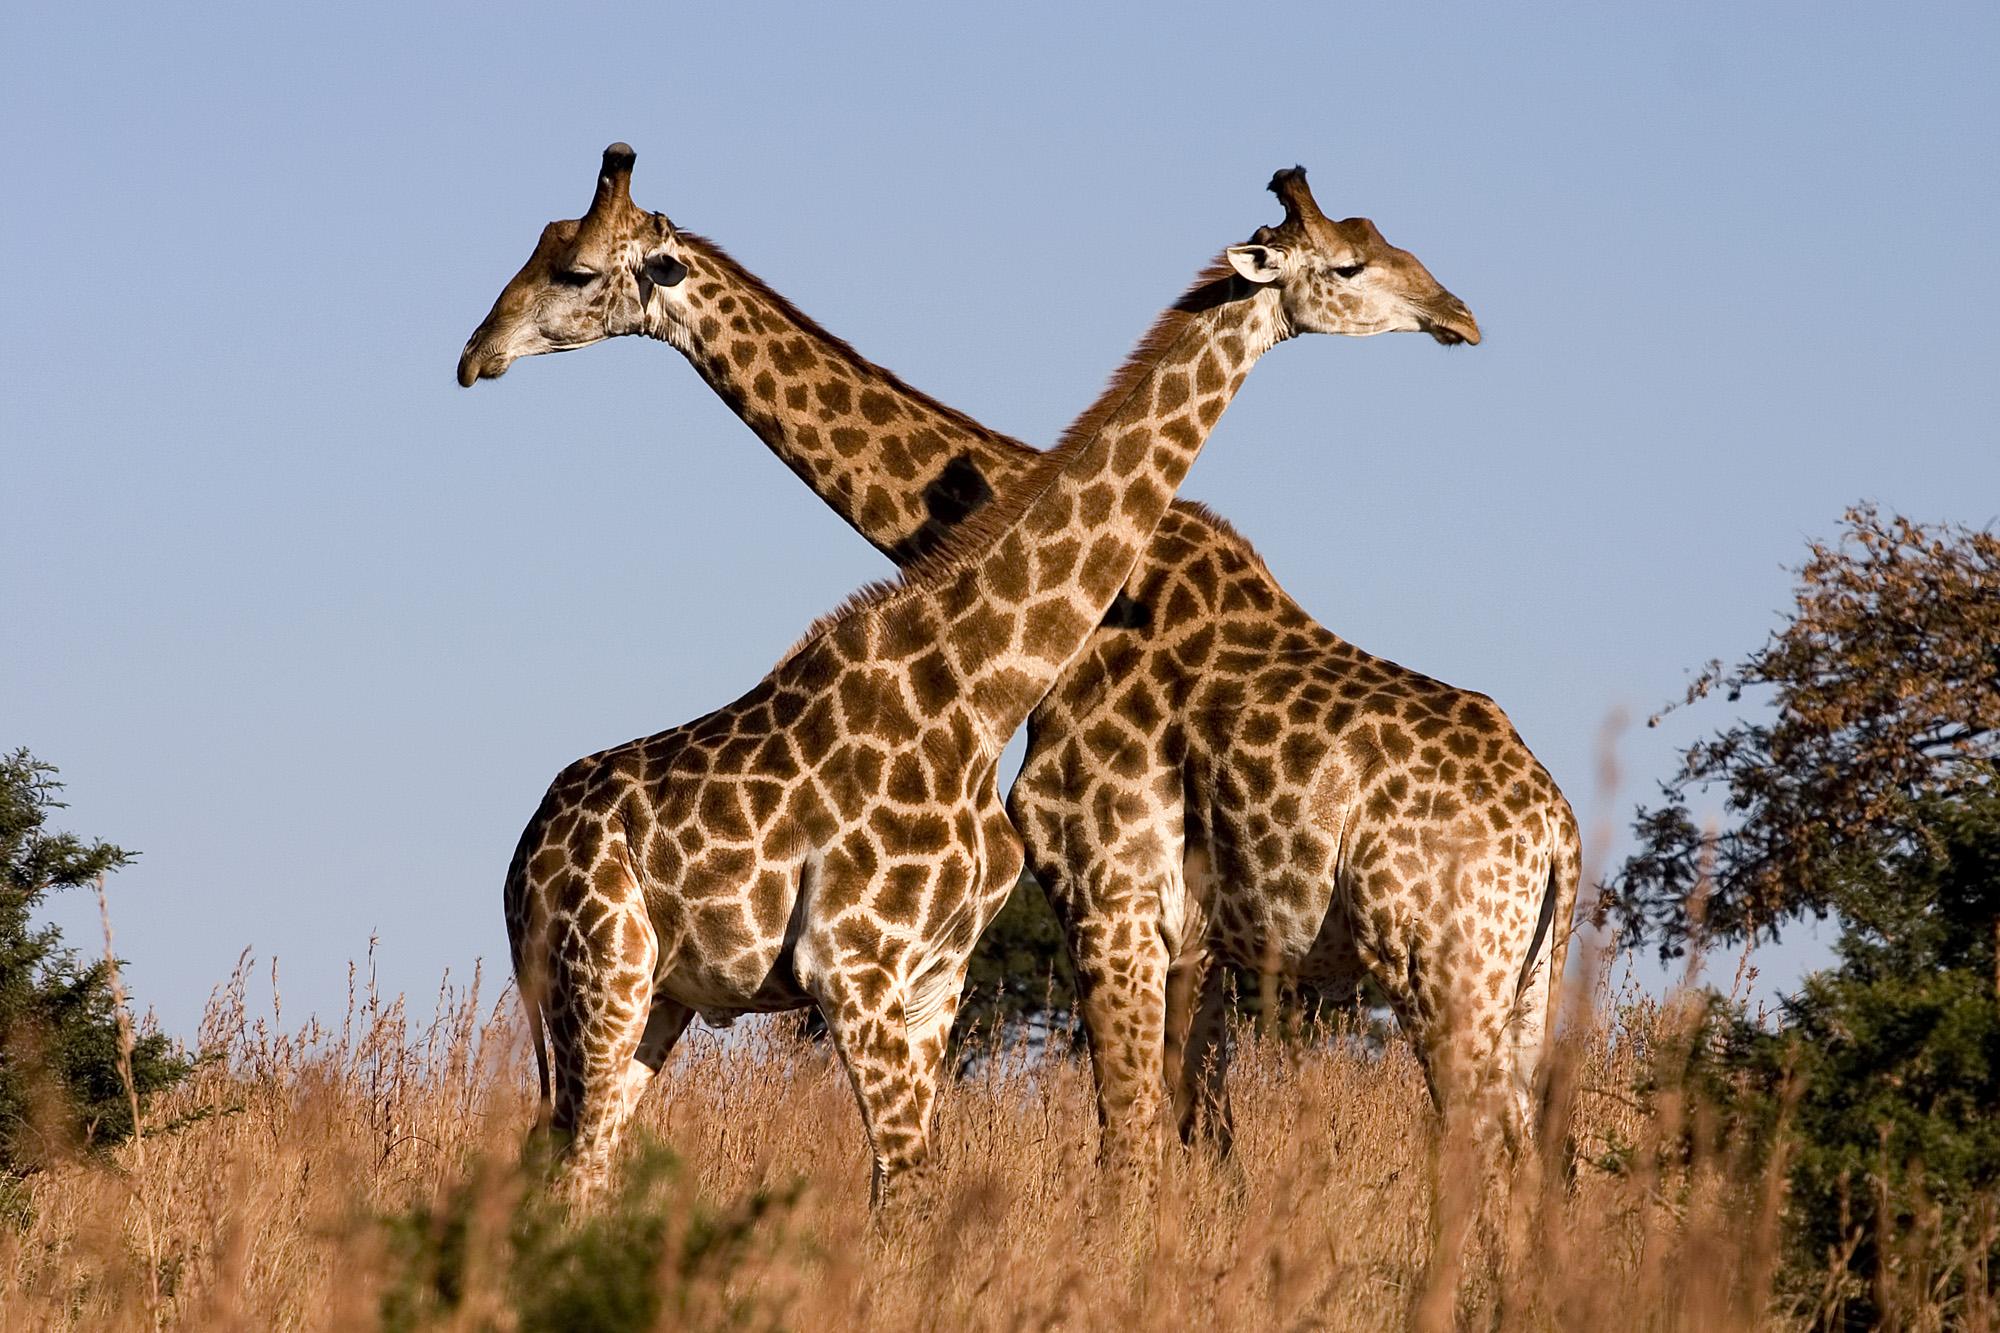 Giraffes for sale